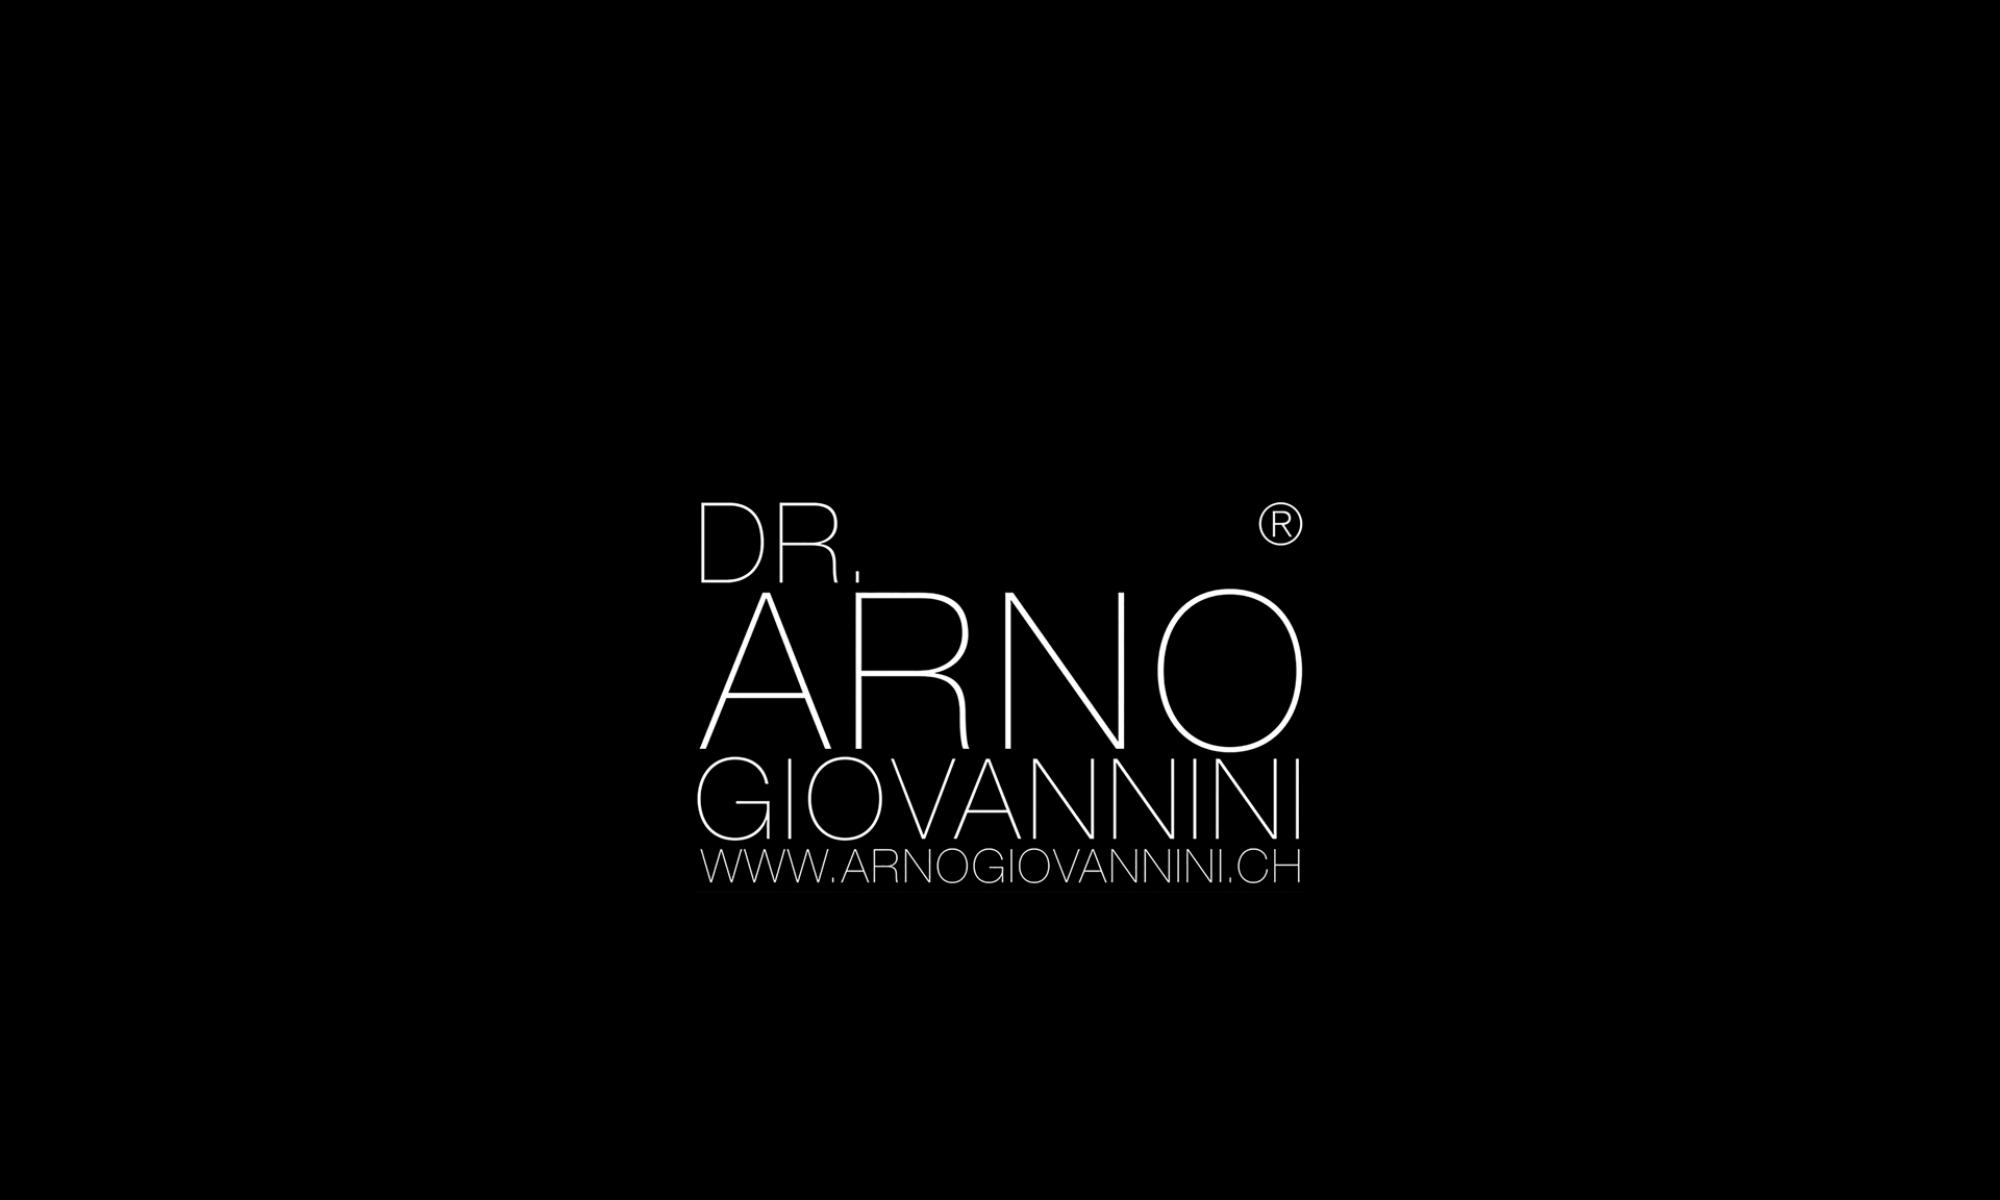 Arno Giovannini